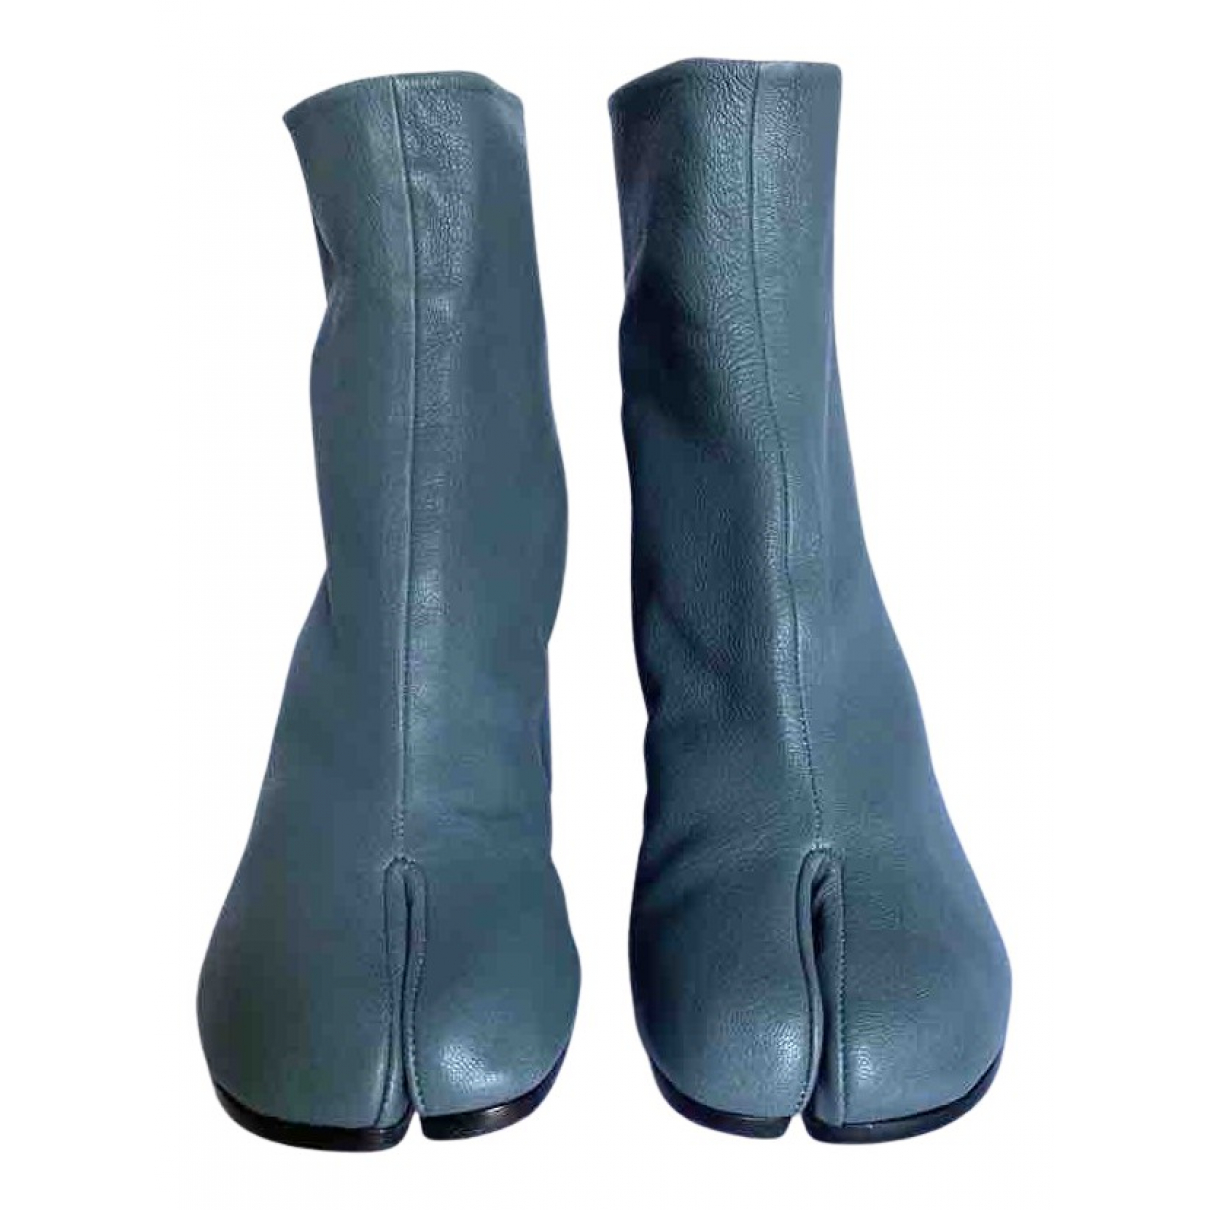 Maison Martin Margiela - Boots Tabi pour femme en cuir